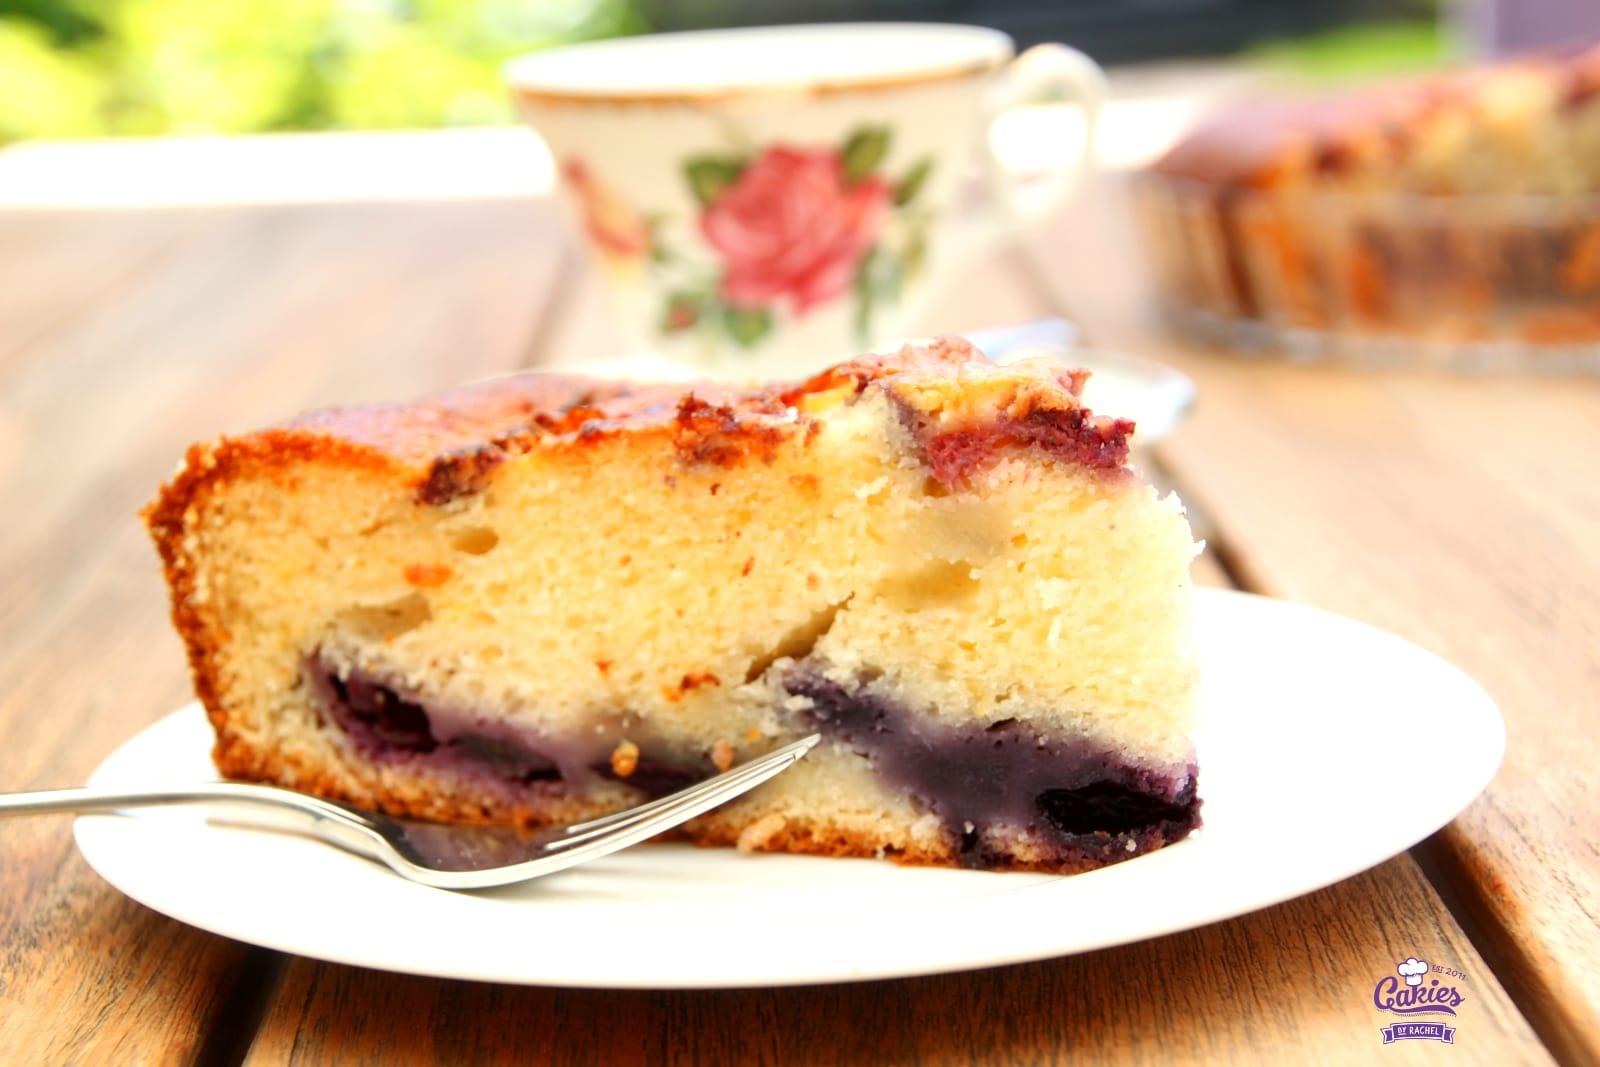 Bublanina – Tsjechische Bubbel Cake | Een makkelijk, één kom recept voor Bublanina, een Tsjechische Bubbel Cake. Deze cake is luchtig en makkelijk om te maken. Het hele jaar een heerlijke cake. | http://www.cakies.nl | Stap 16